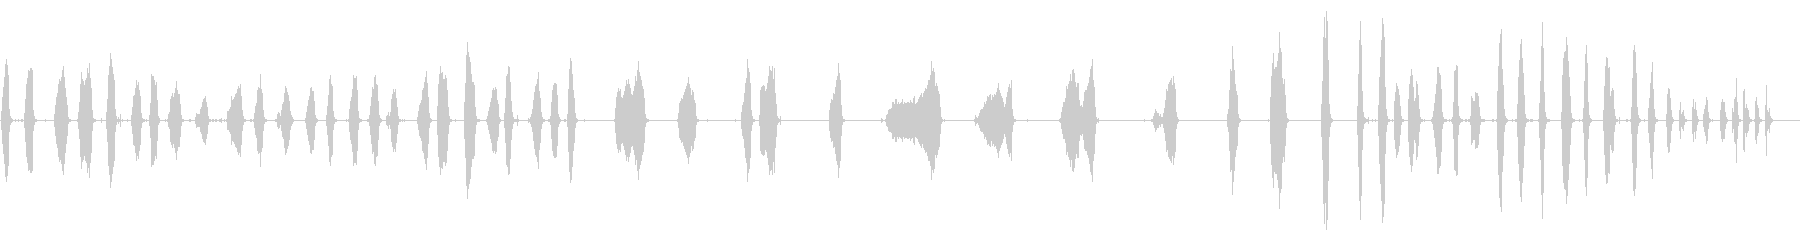 ストローブルーム:ガレージクリーニ...の未再生の波形